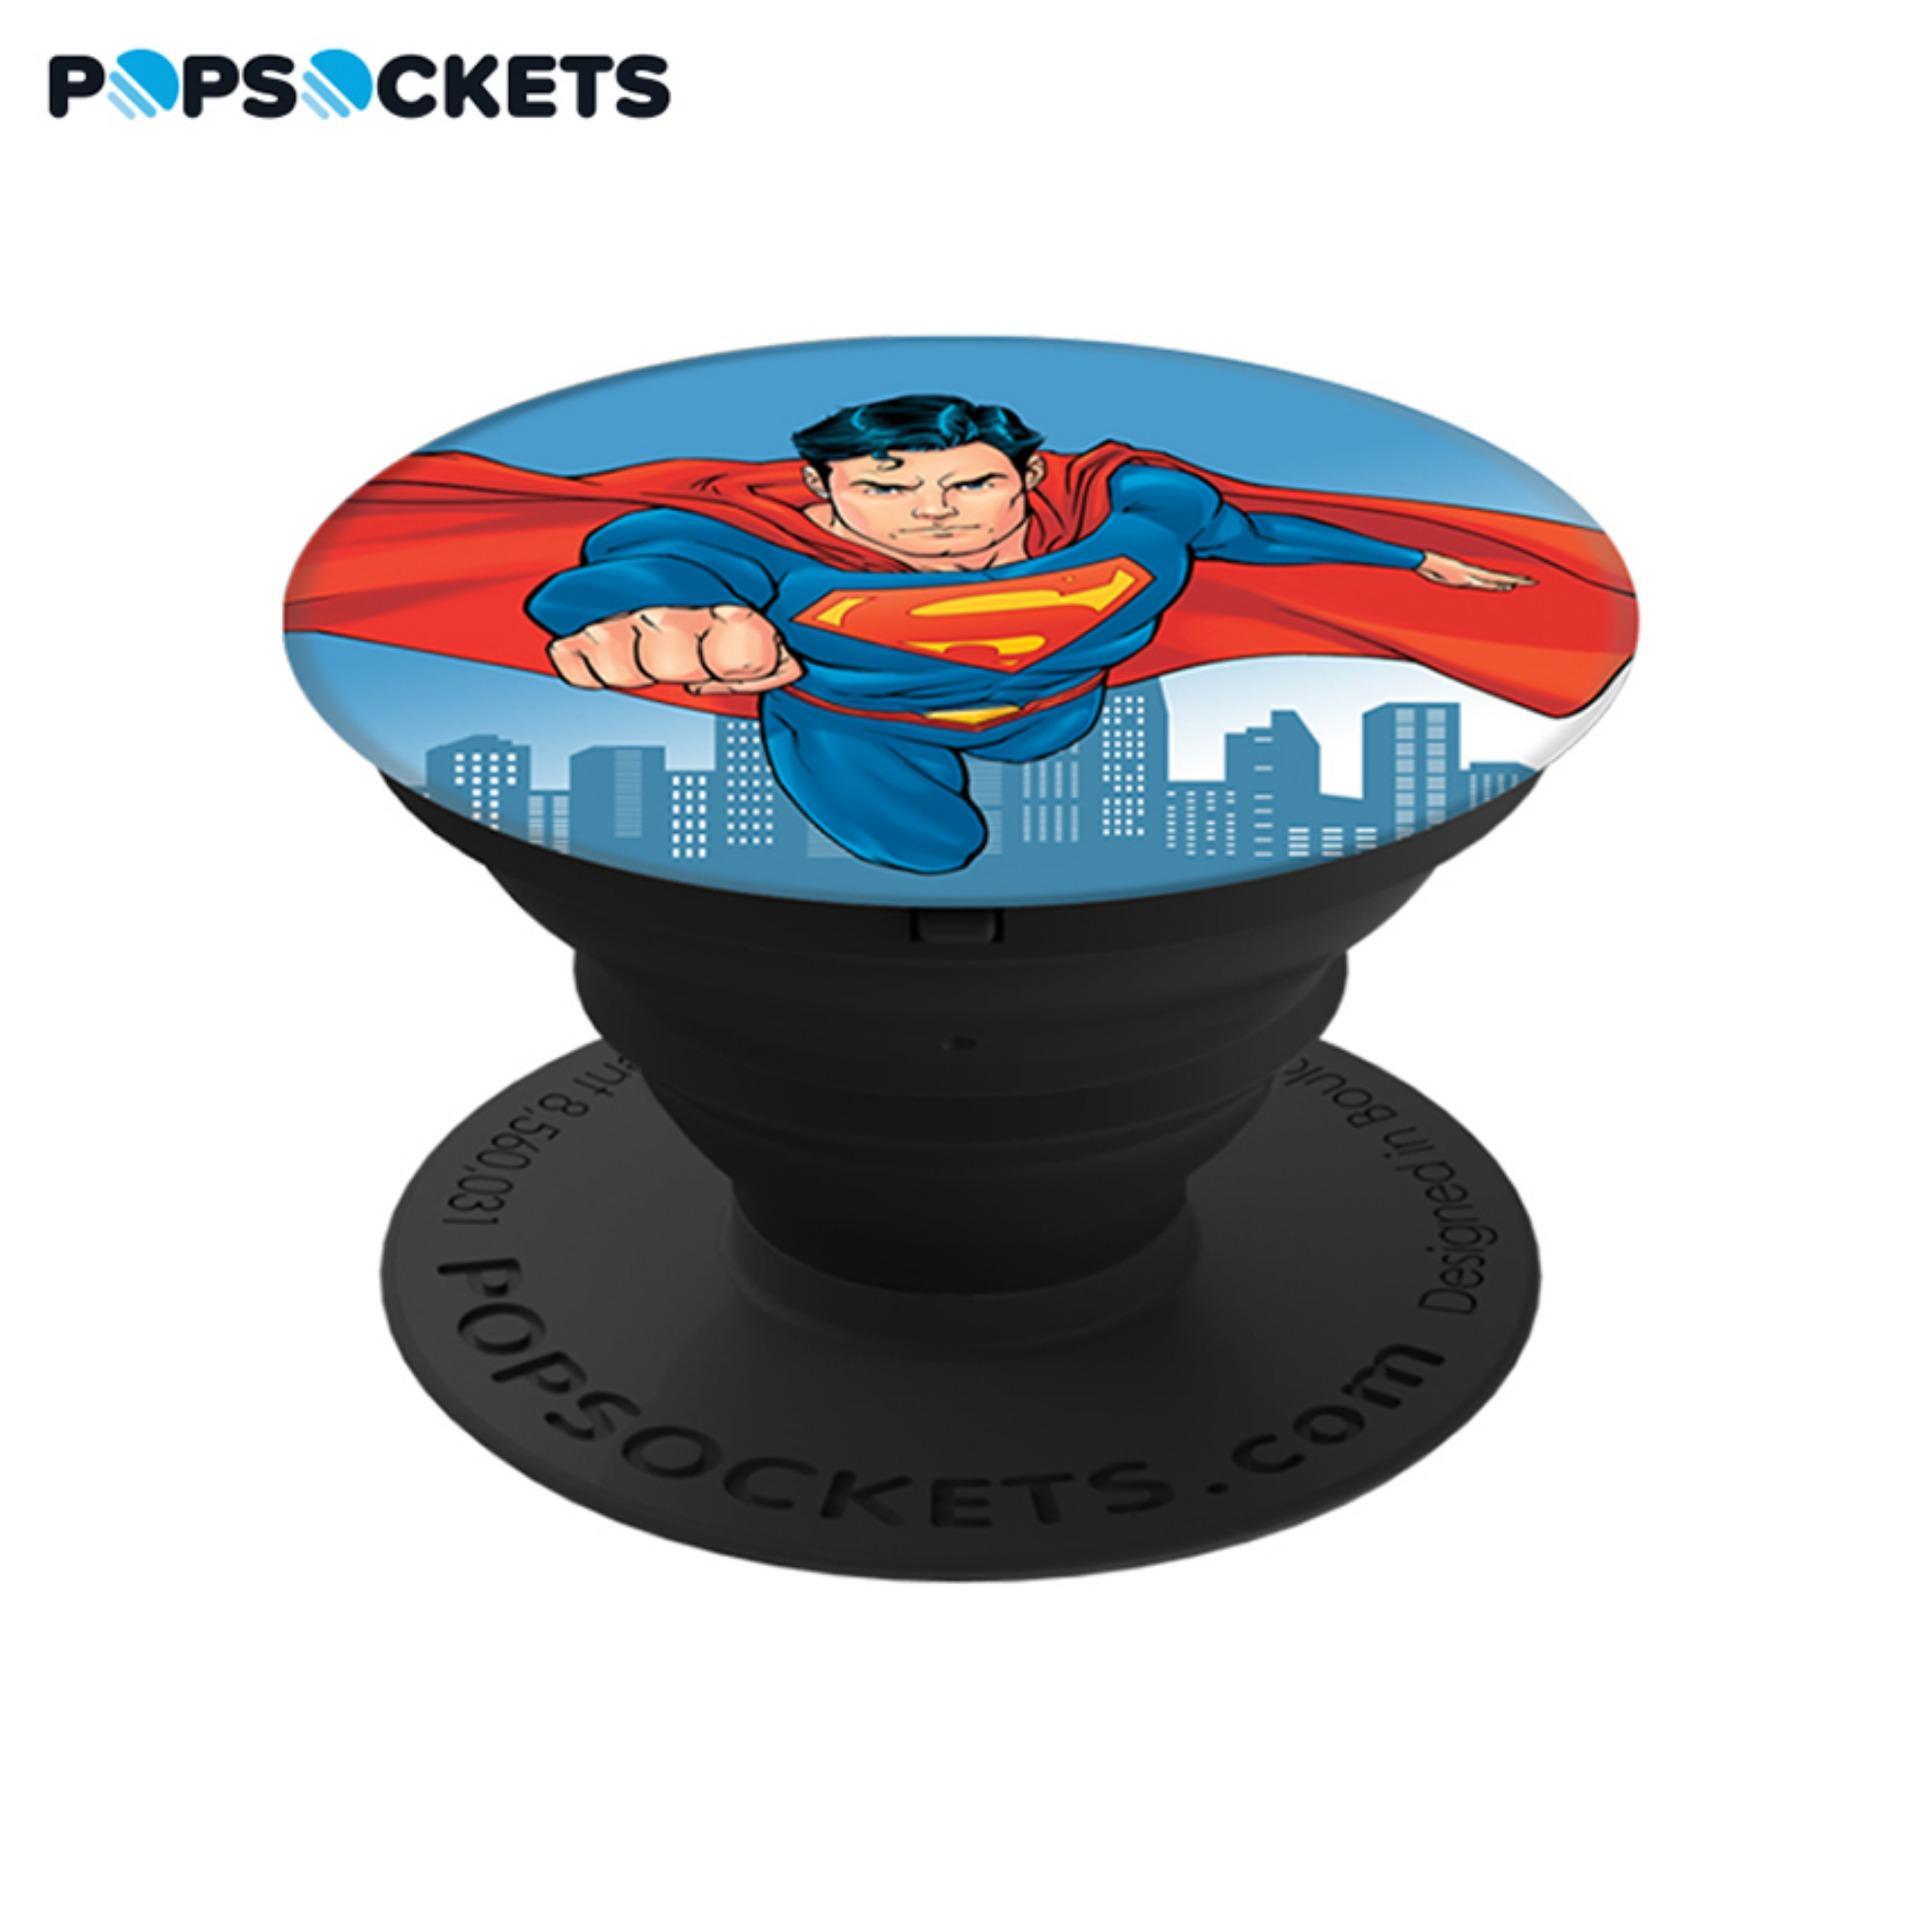 Giá Đỡ Điện Thoại Thời Trang PopSockets Superman BK BK